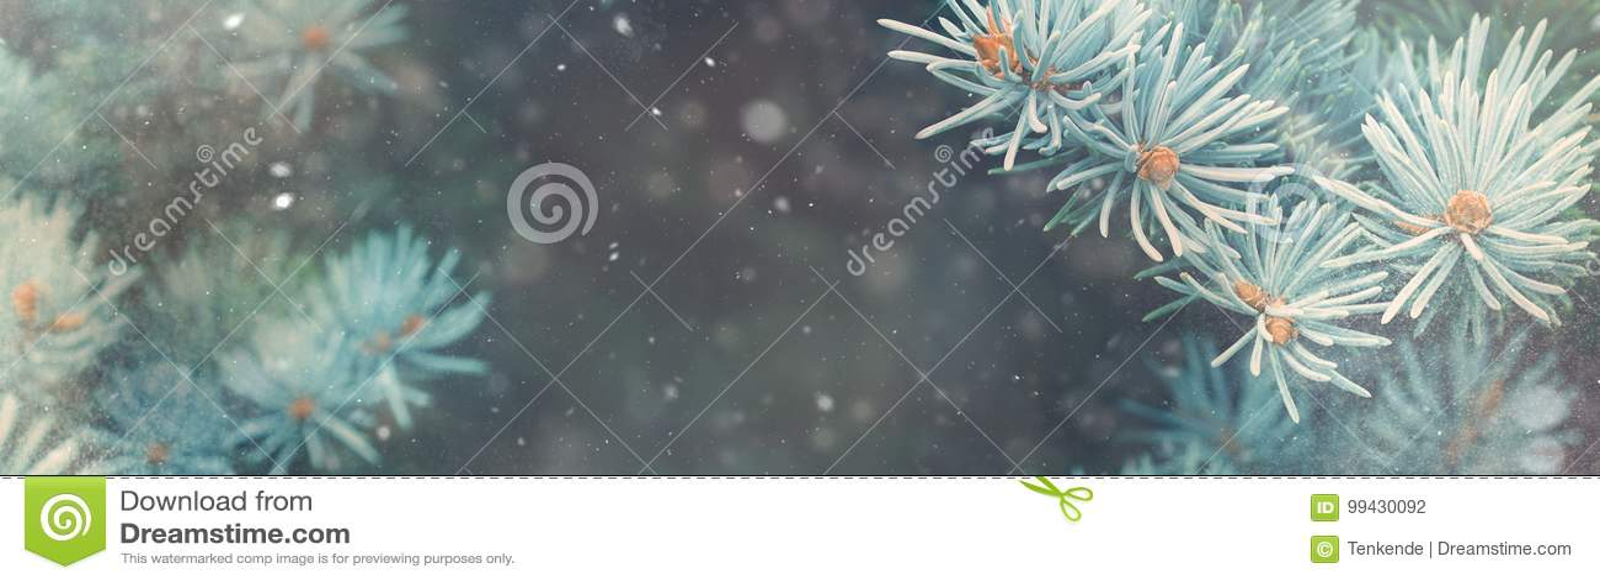 Падение снега в знамя волшебства природы рождества леса зимы